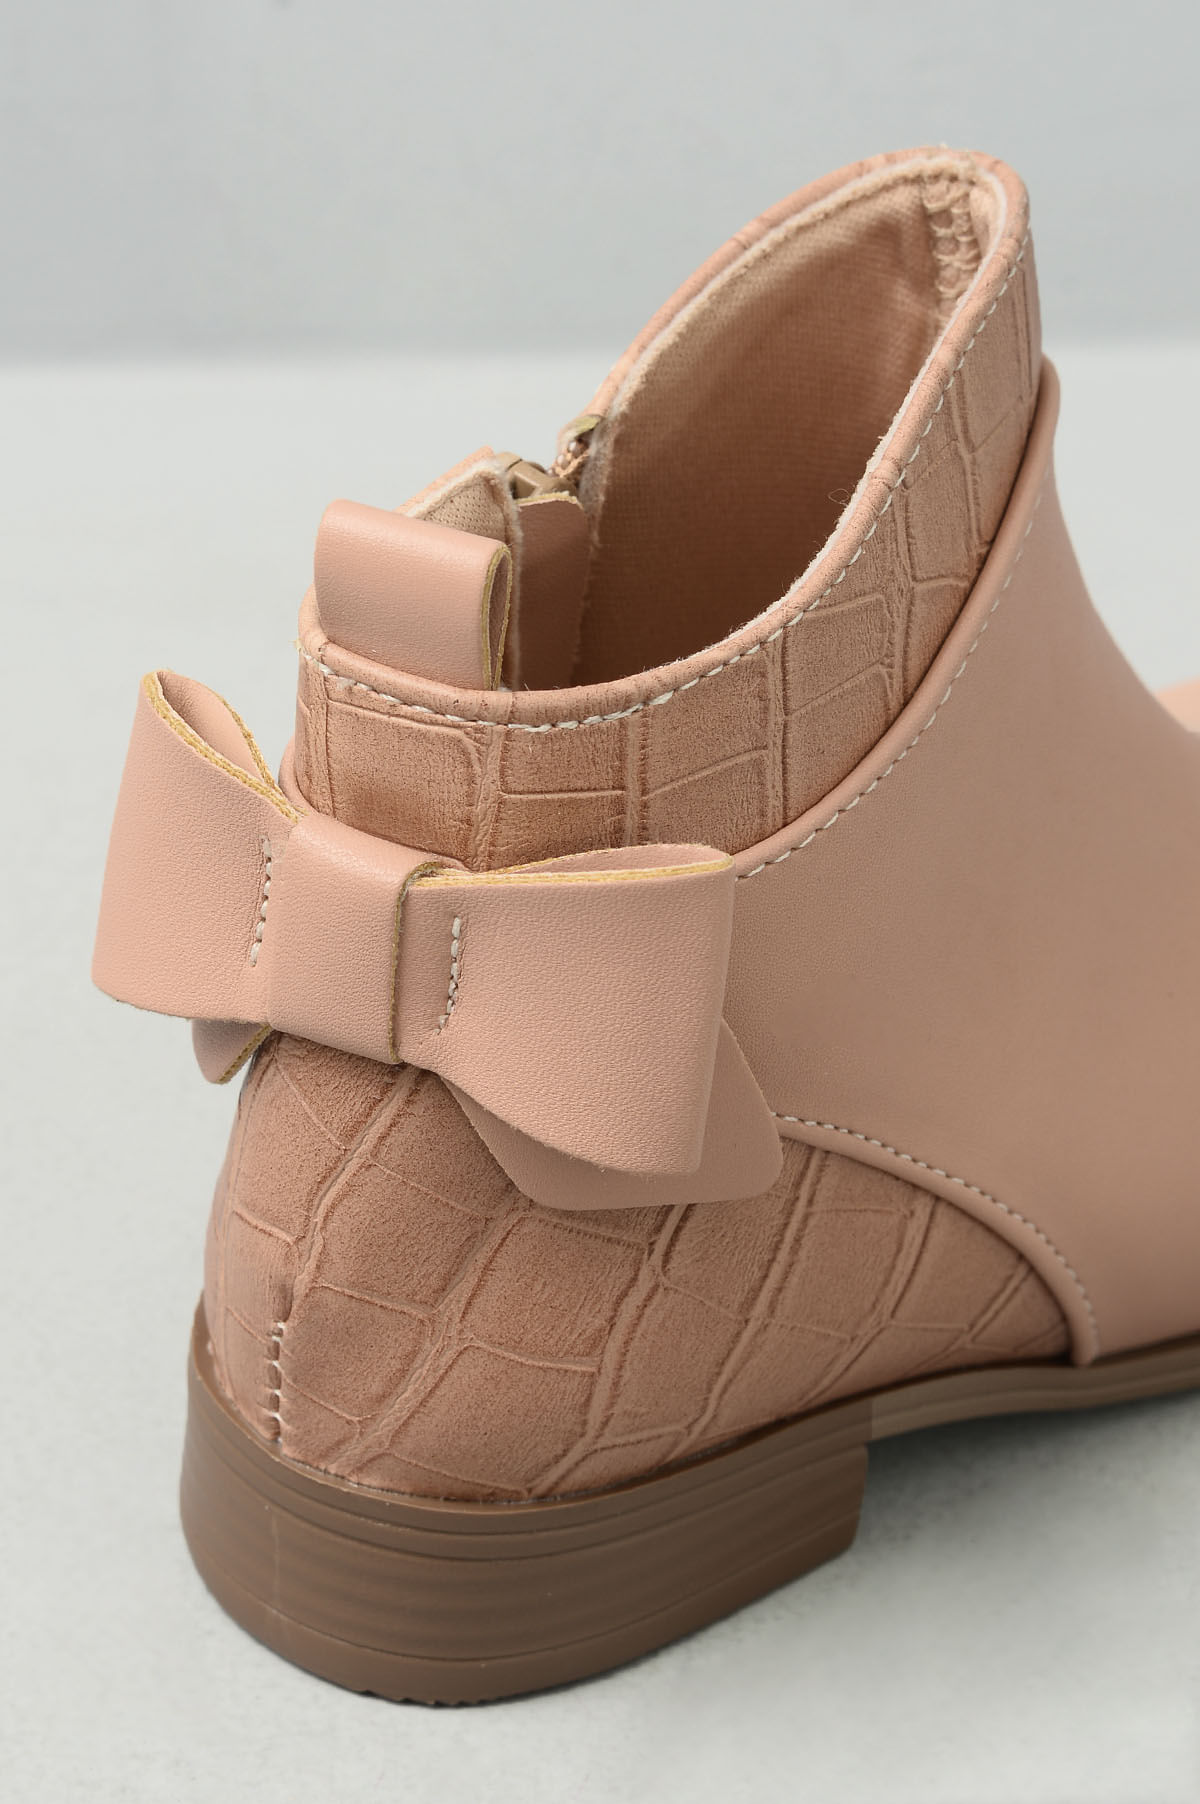 614bb2895 Bota Infantil Barbara Mundial SINT - NUDE - Mundial Calçados